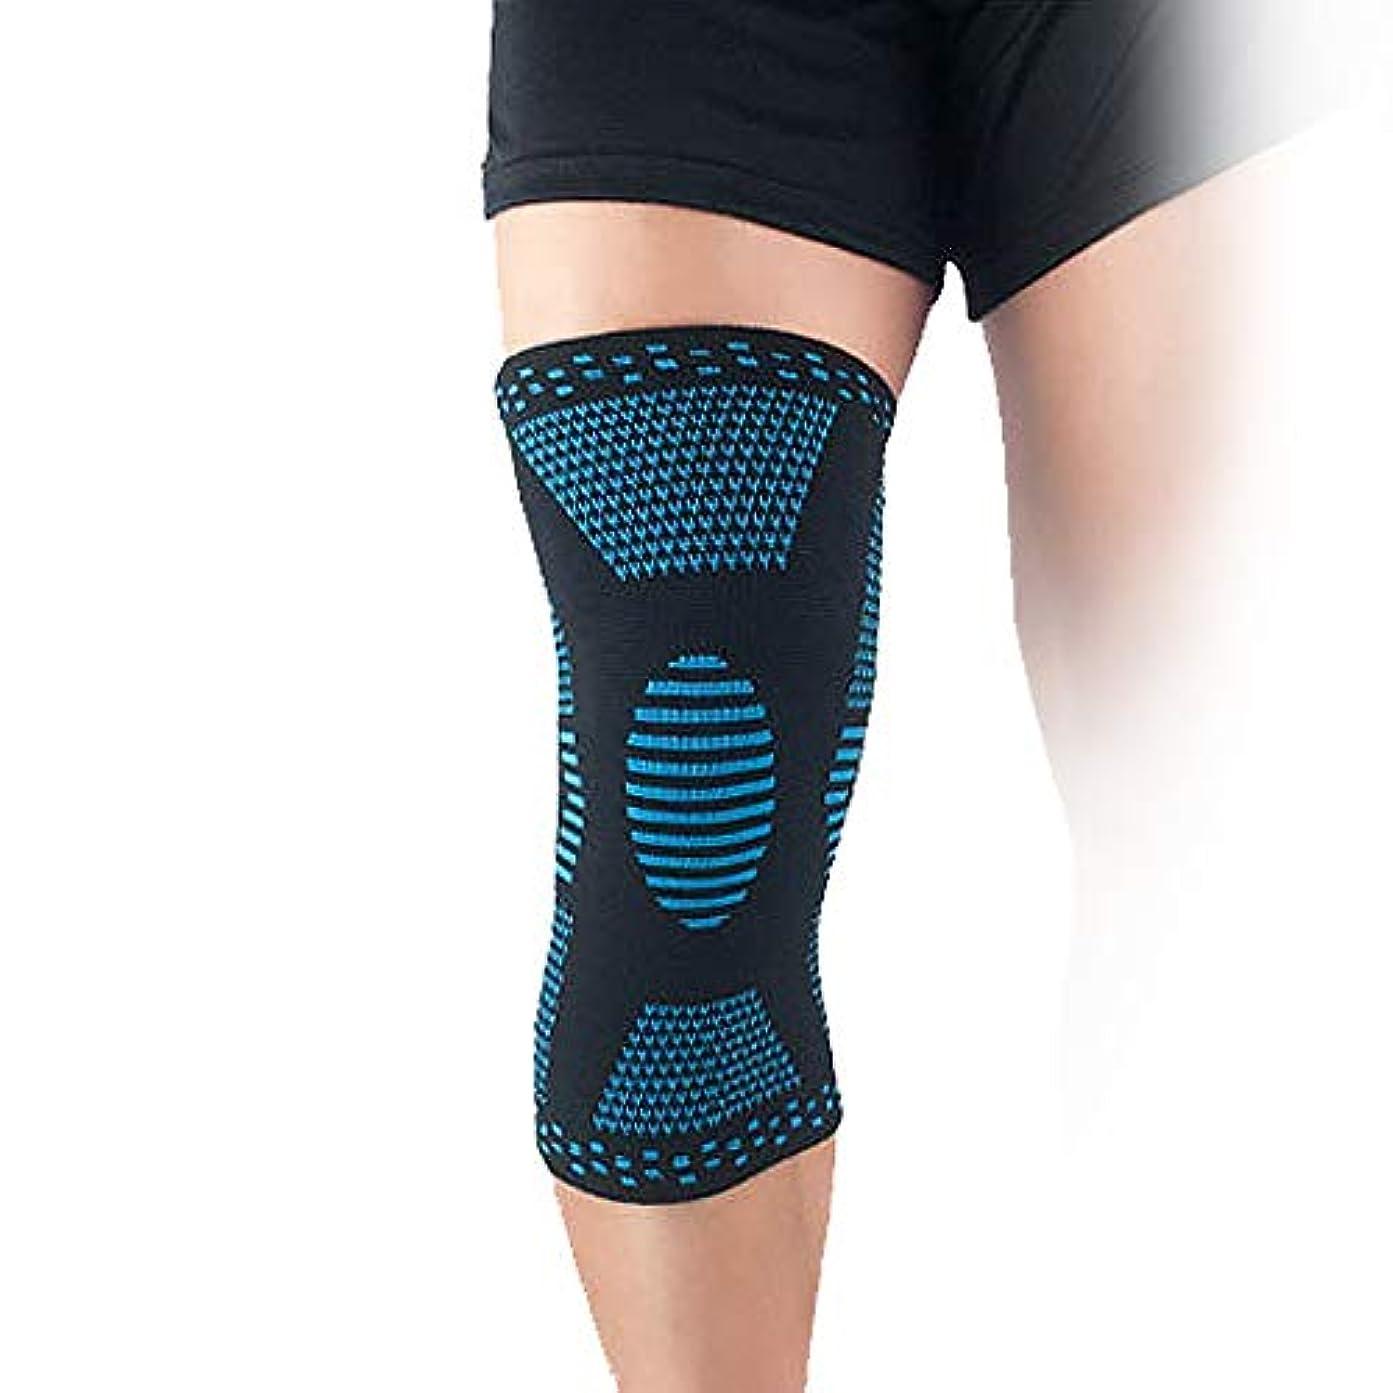 非アクティブインク個人膝サポーターブレースコンプレッションスリーブ - 関節痛、関節炎、靭帯損傷、半月板裂傷、腱炎、黒、青、グレー